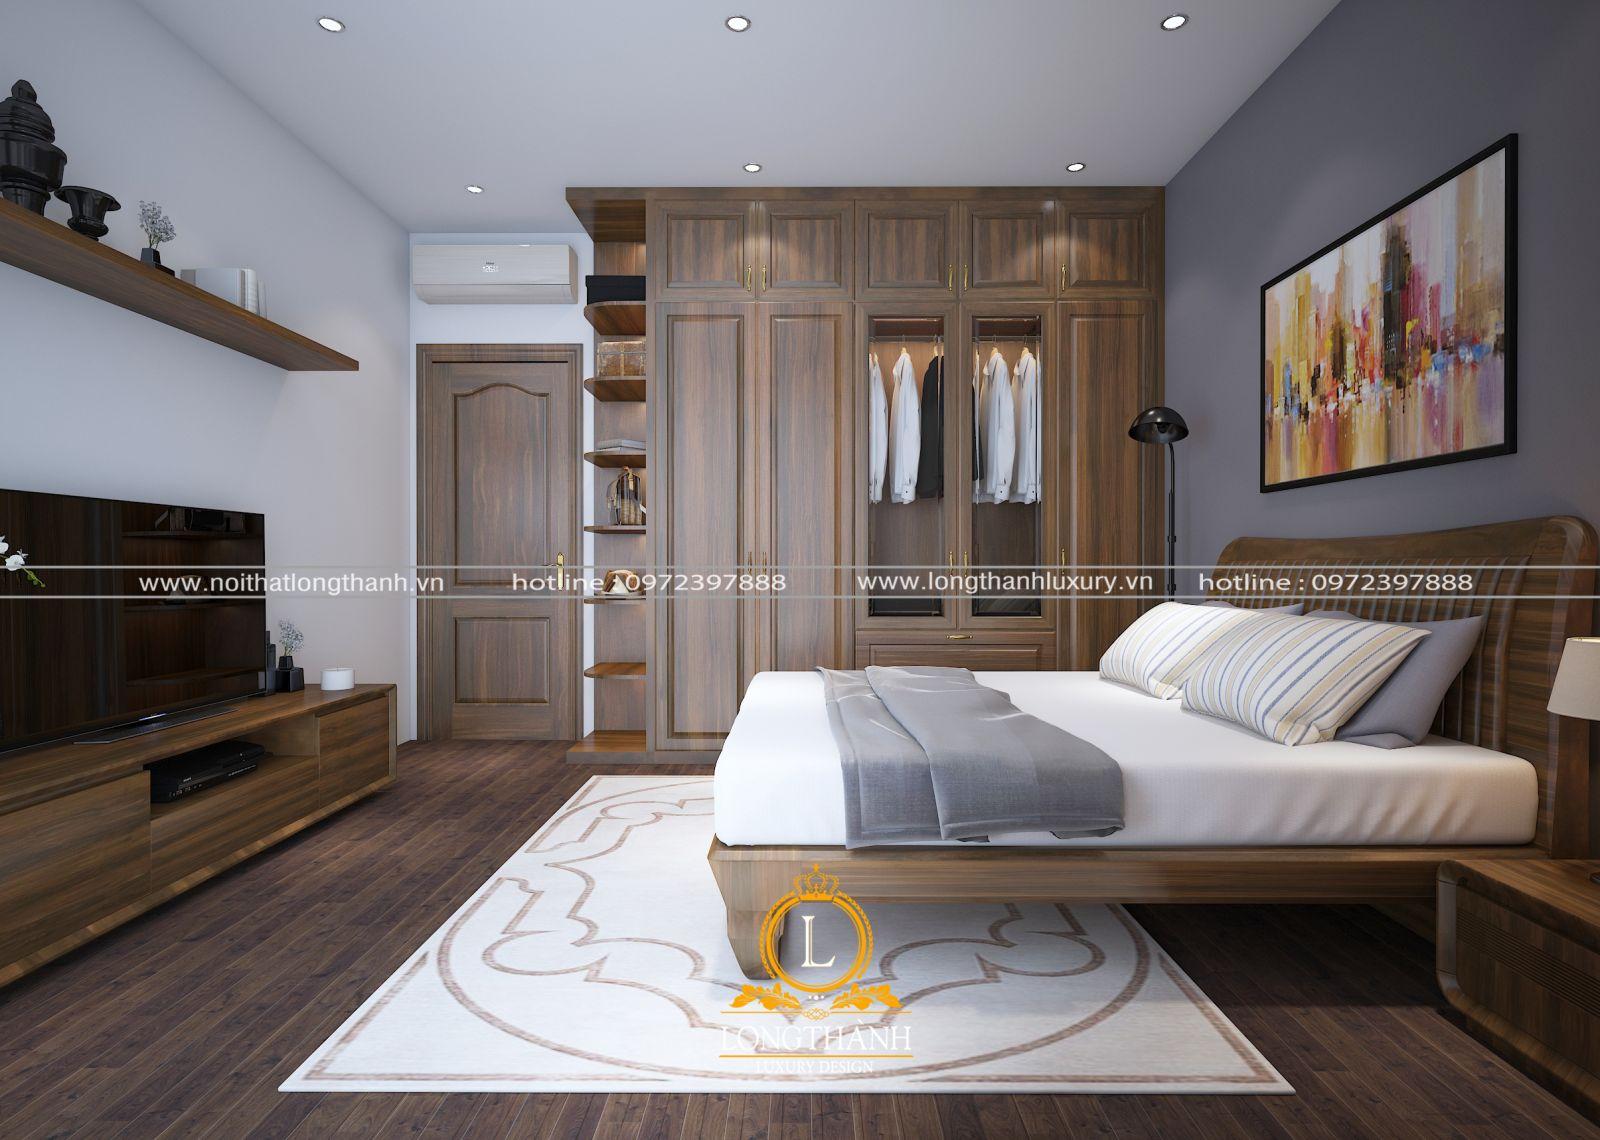 Sự bố trí hài hòa về nội thất mang lại cho gia chủ sự thư giãn trong căn phòng của mình